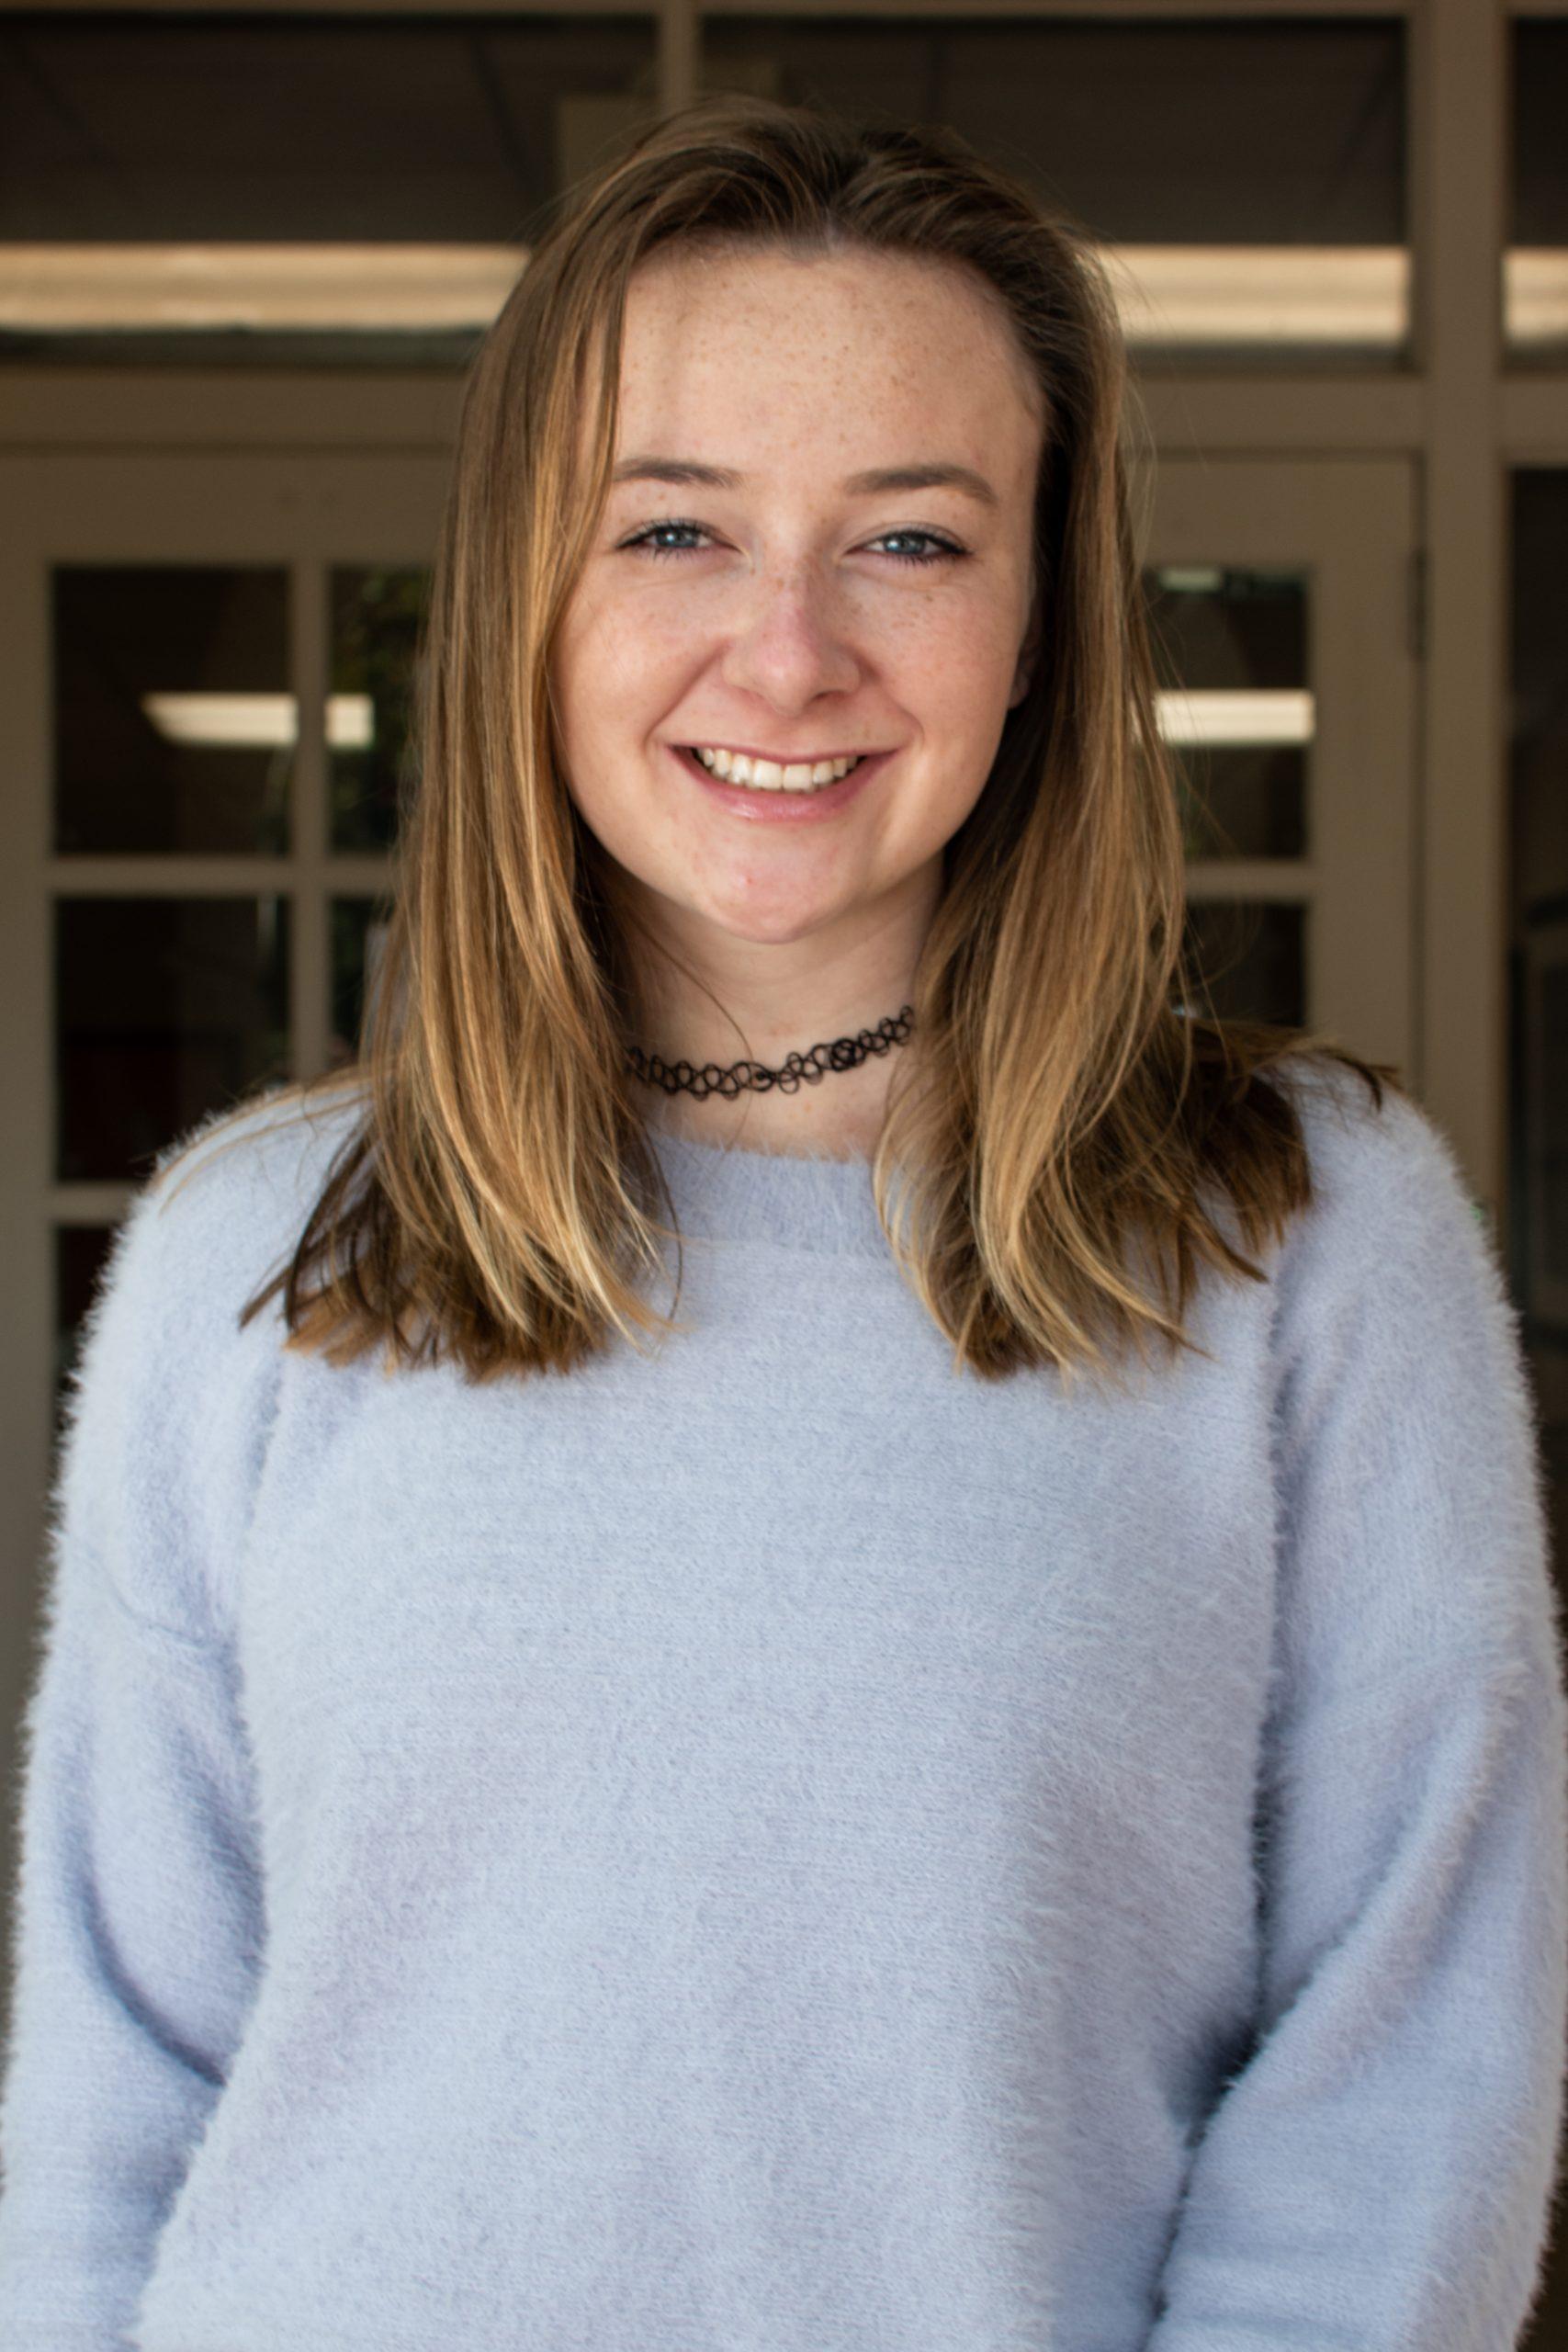 Sophia Surrett